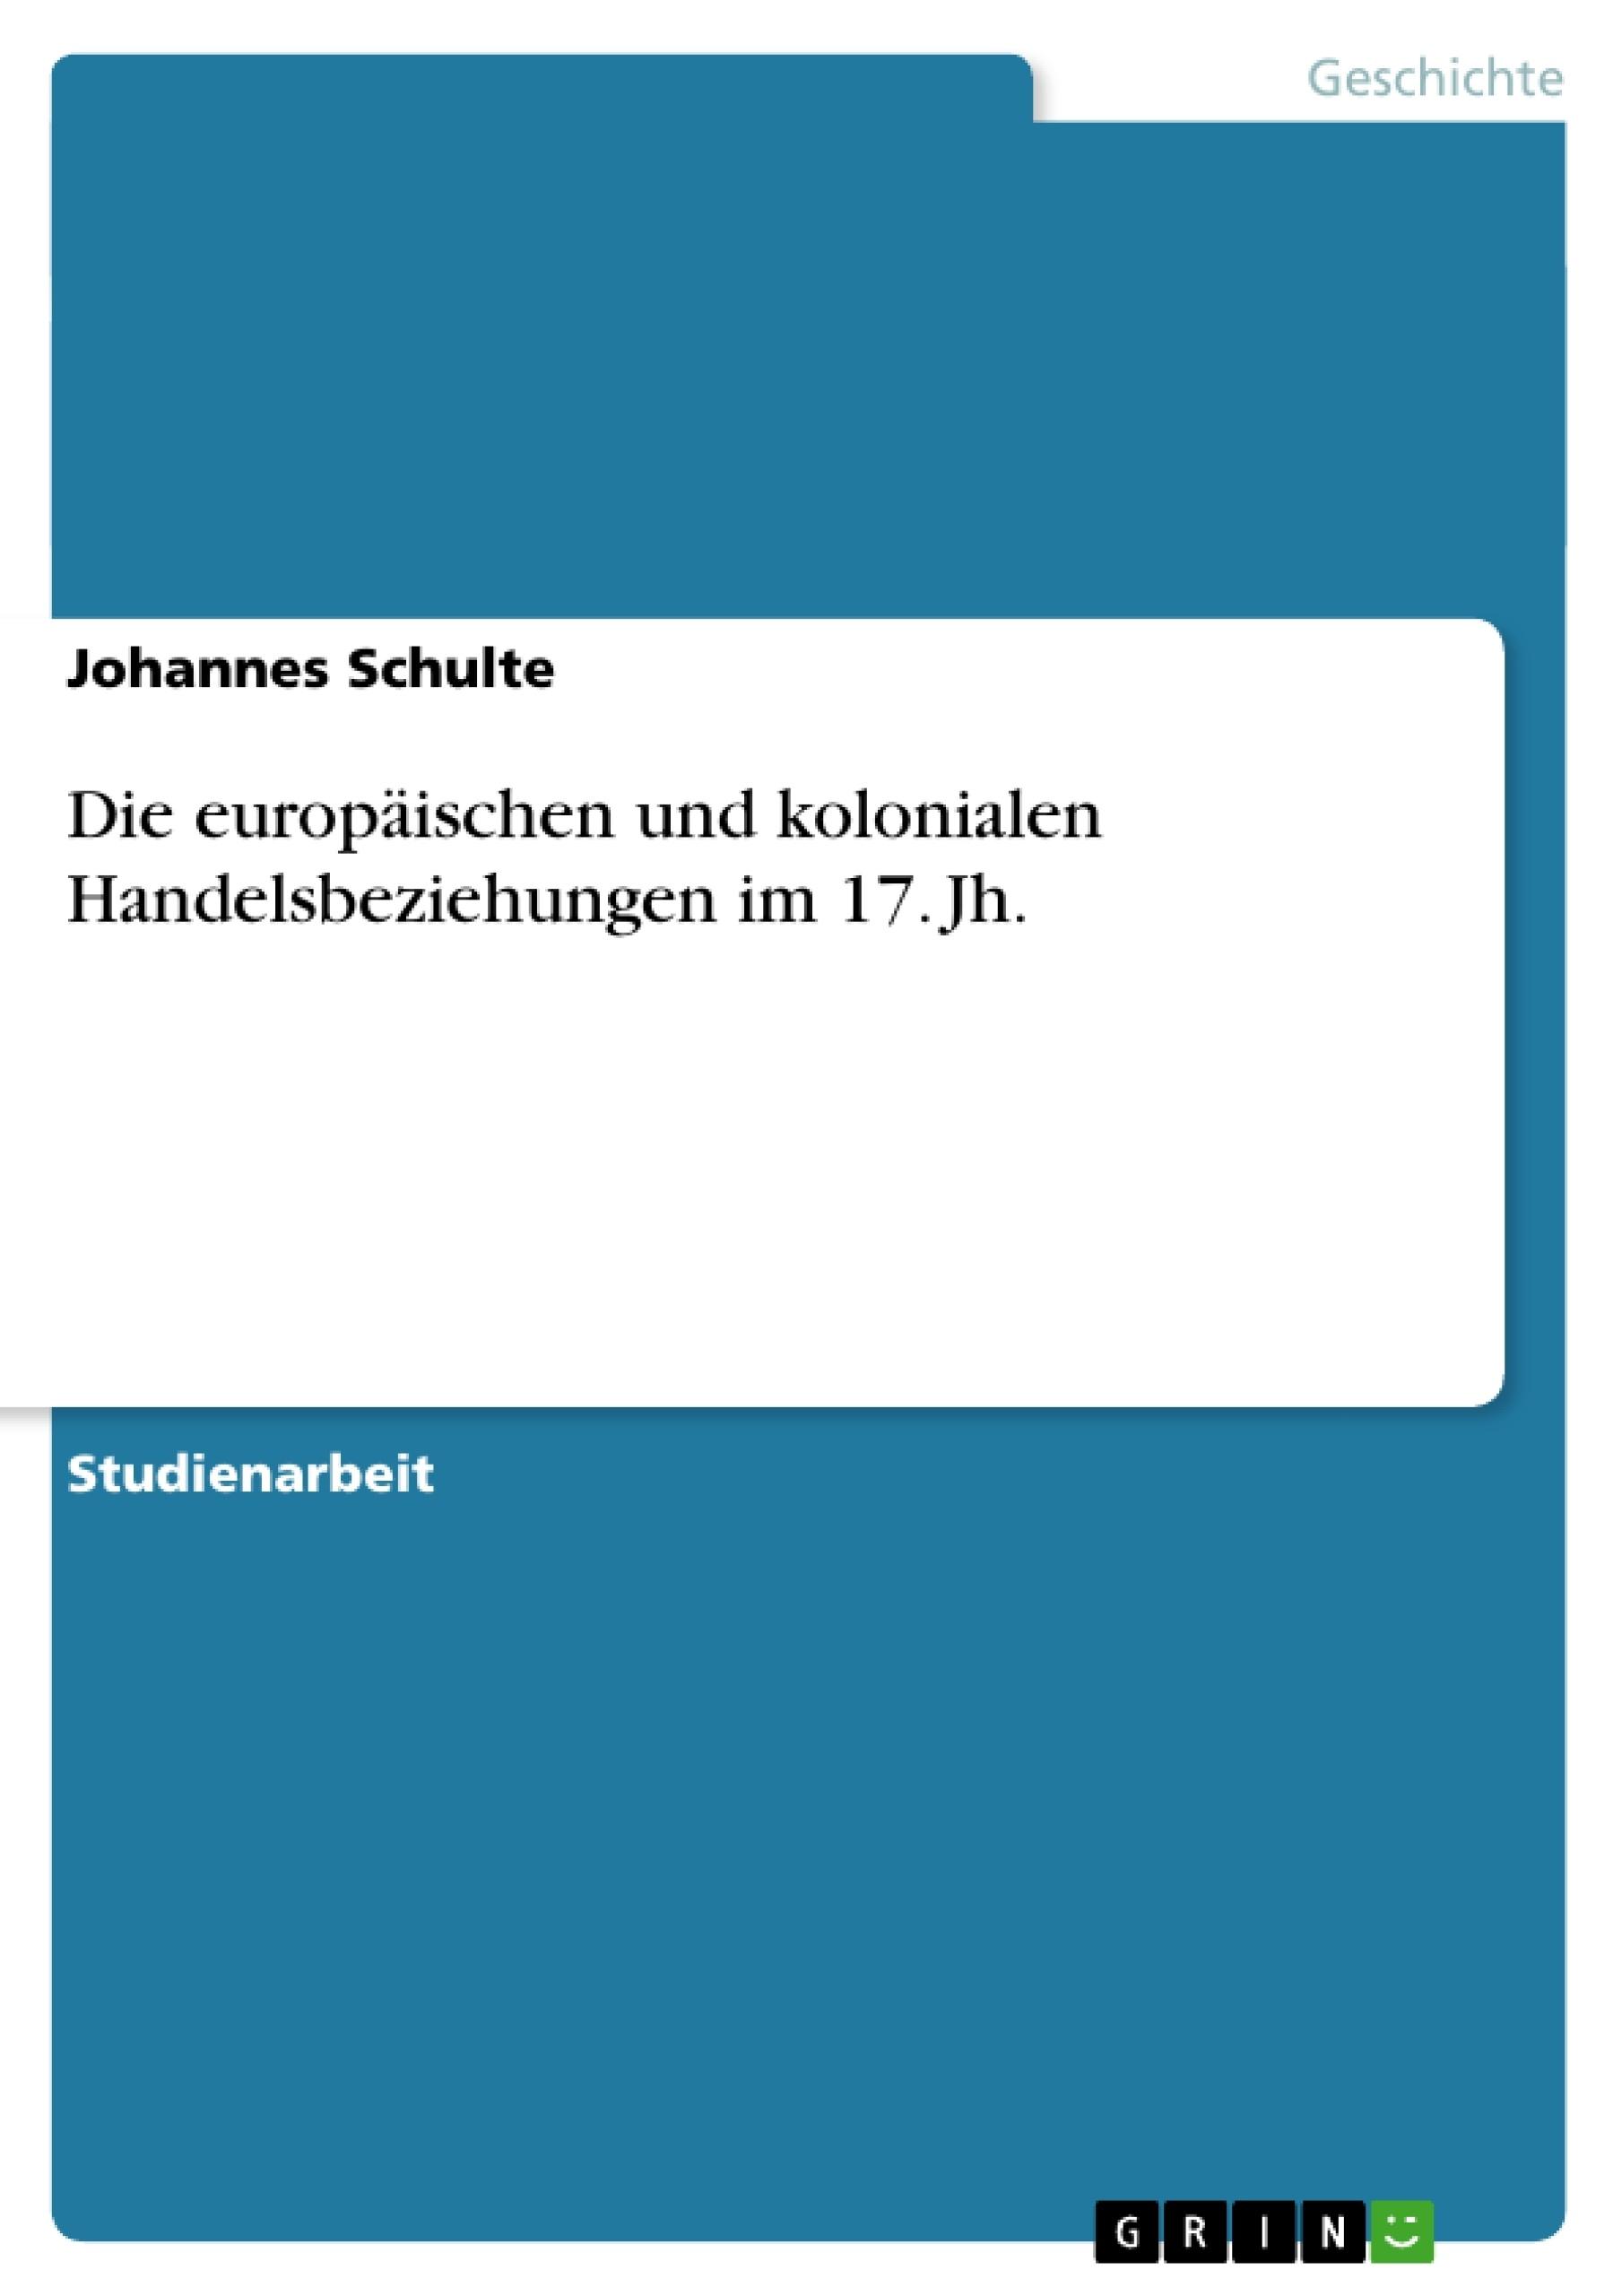 Titel: Die europäischen und kolonialen Handelsbeziehungen im 17. Jh.